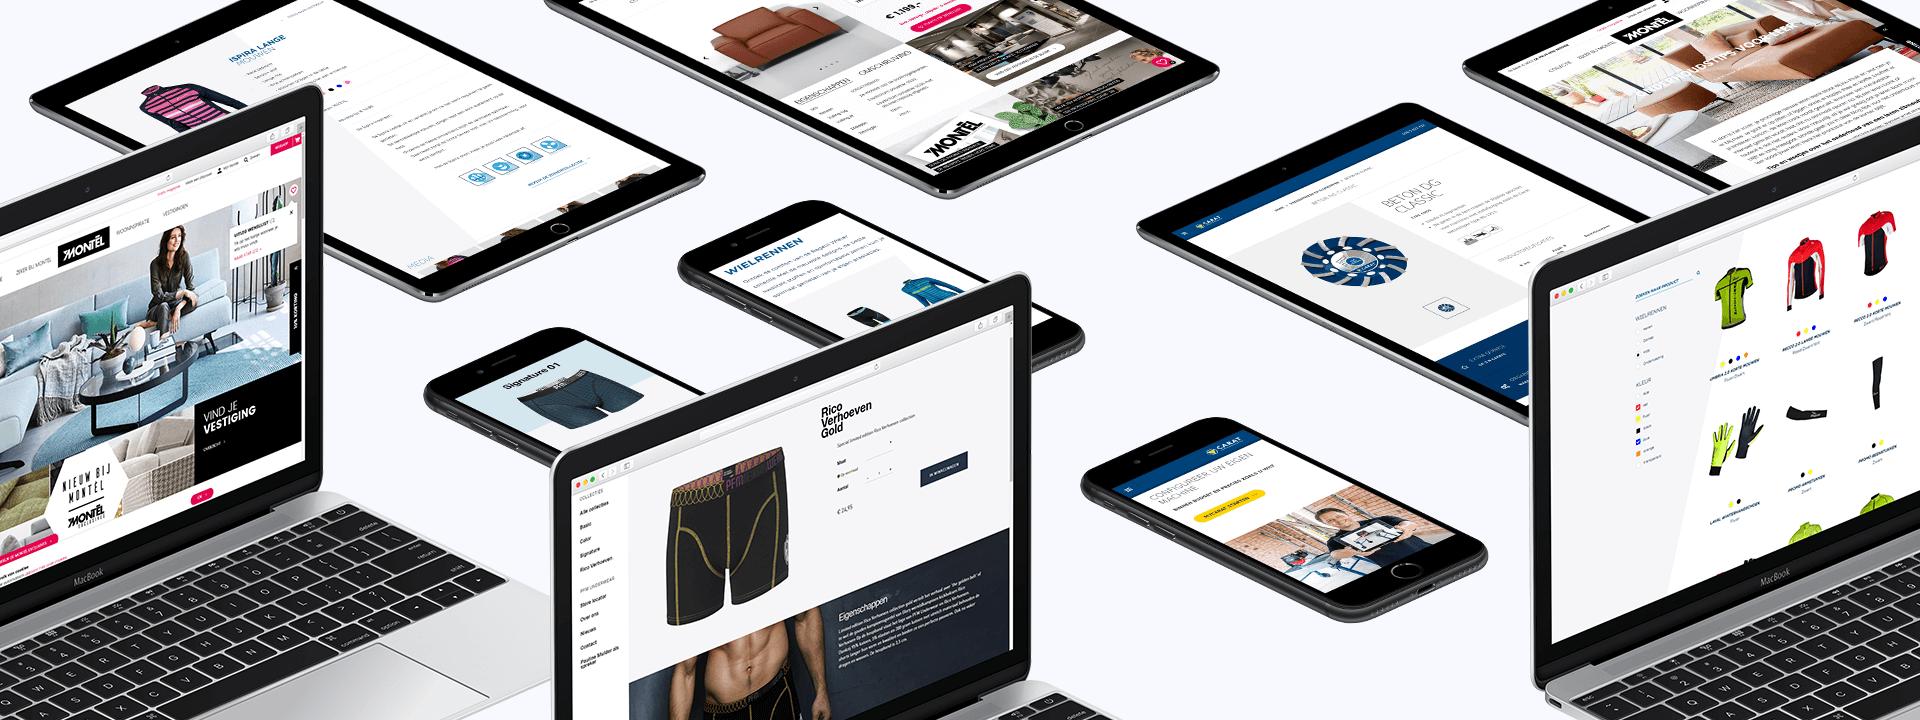 Internetbureau Breda | Bij RB-Media zorgen we dat jouw webshop online een succes wordt